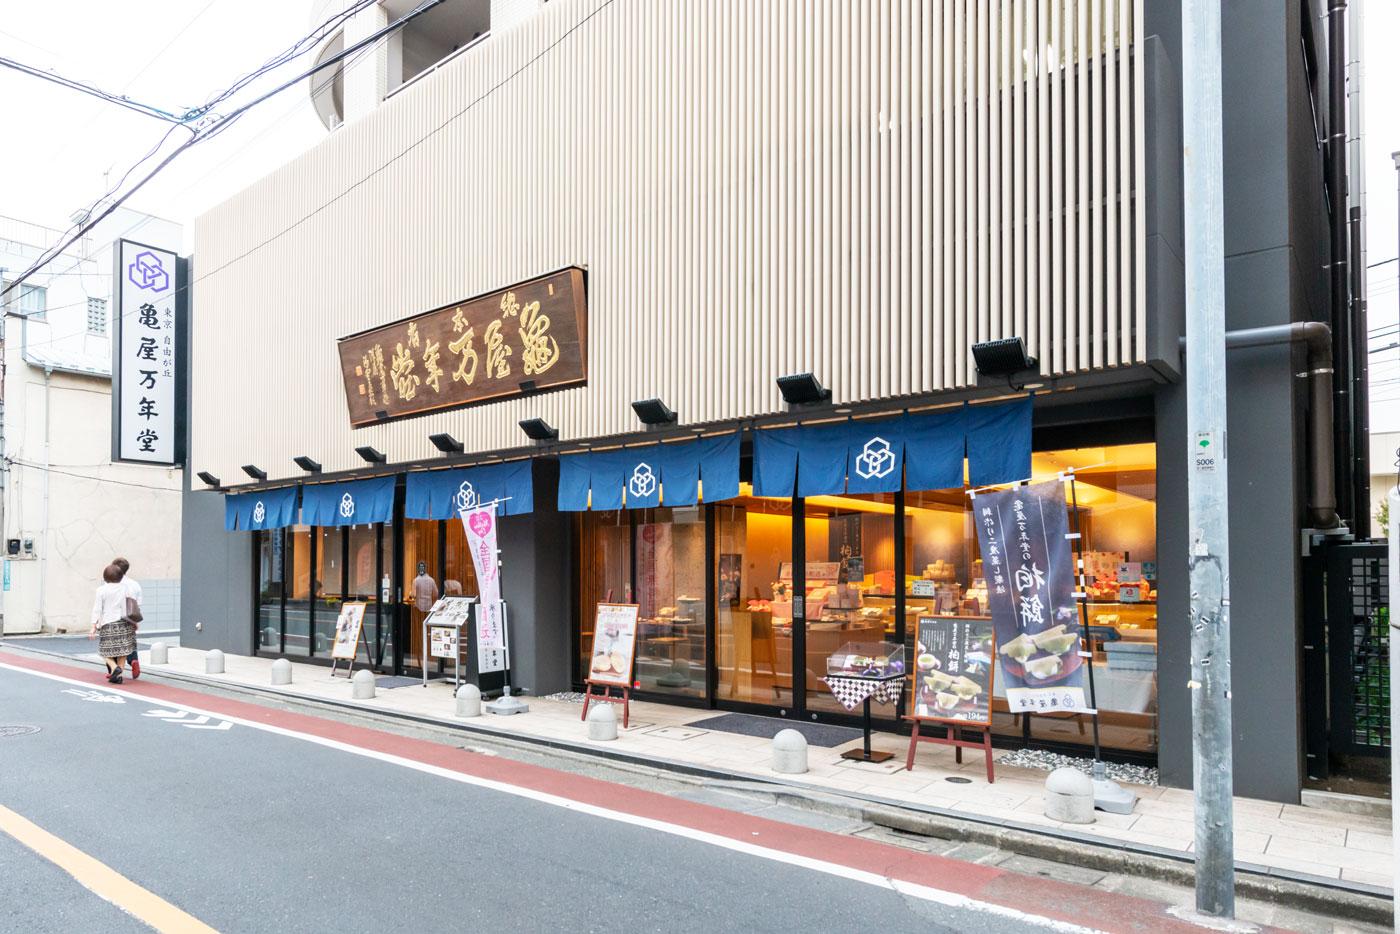 亀屋万年堂総本店(550m)